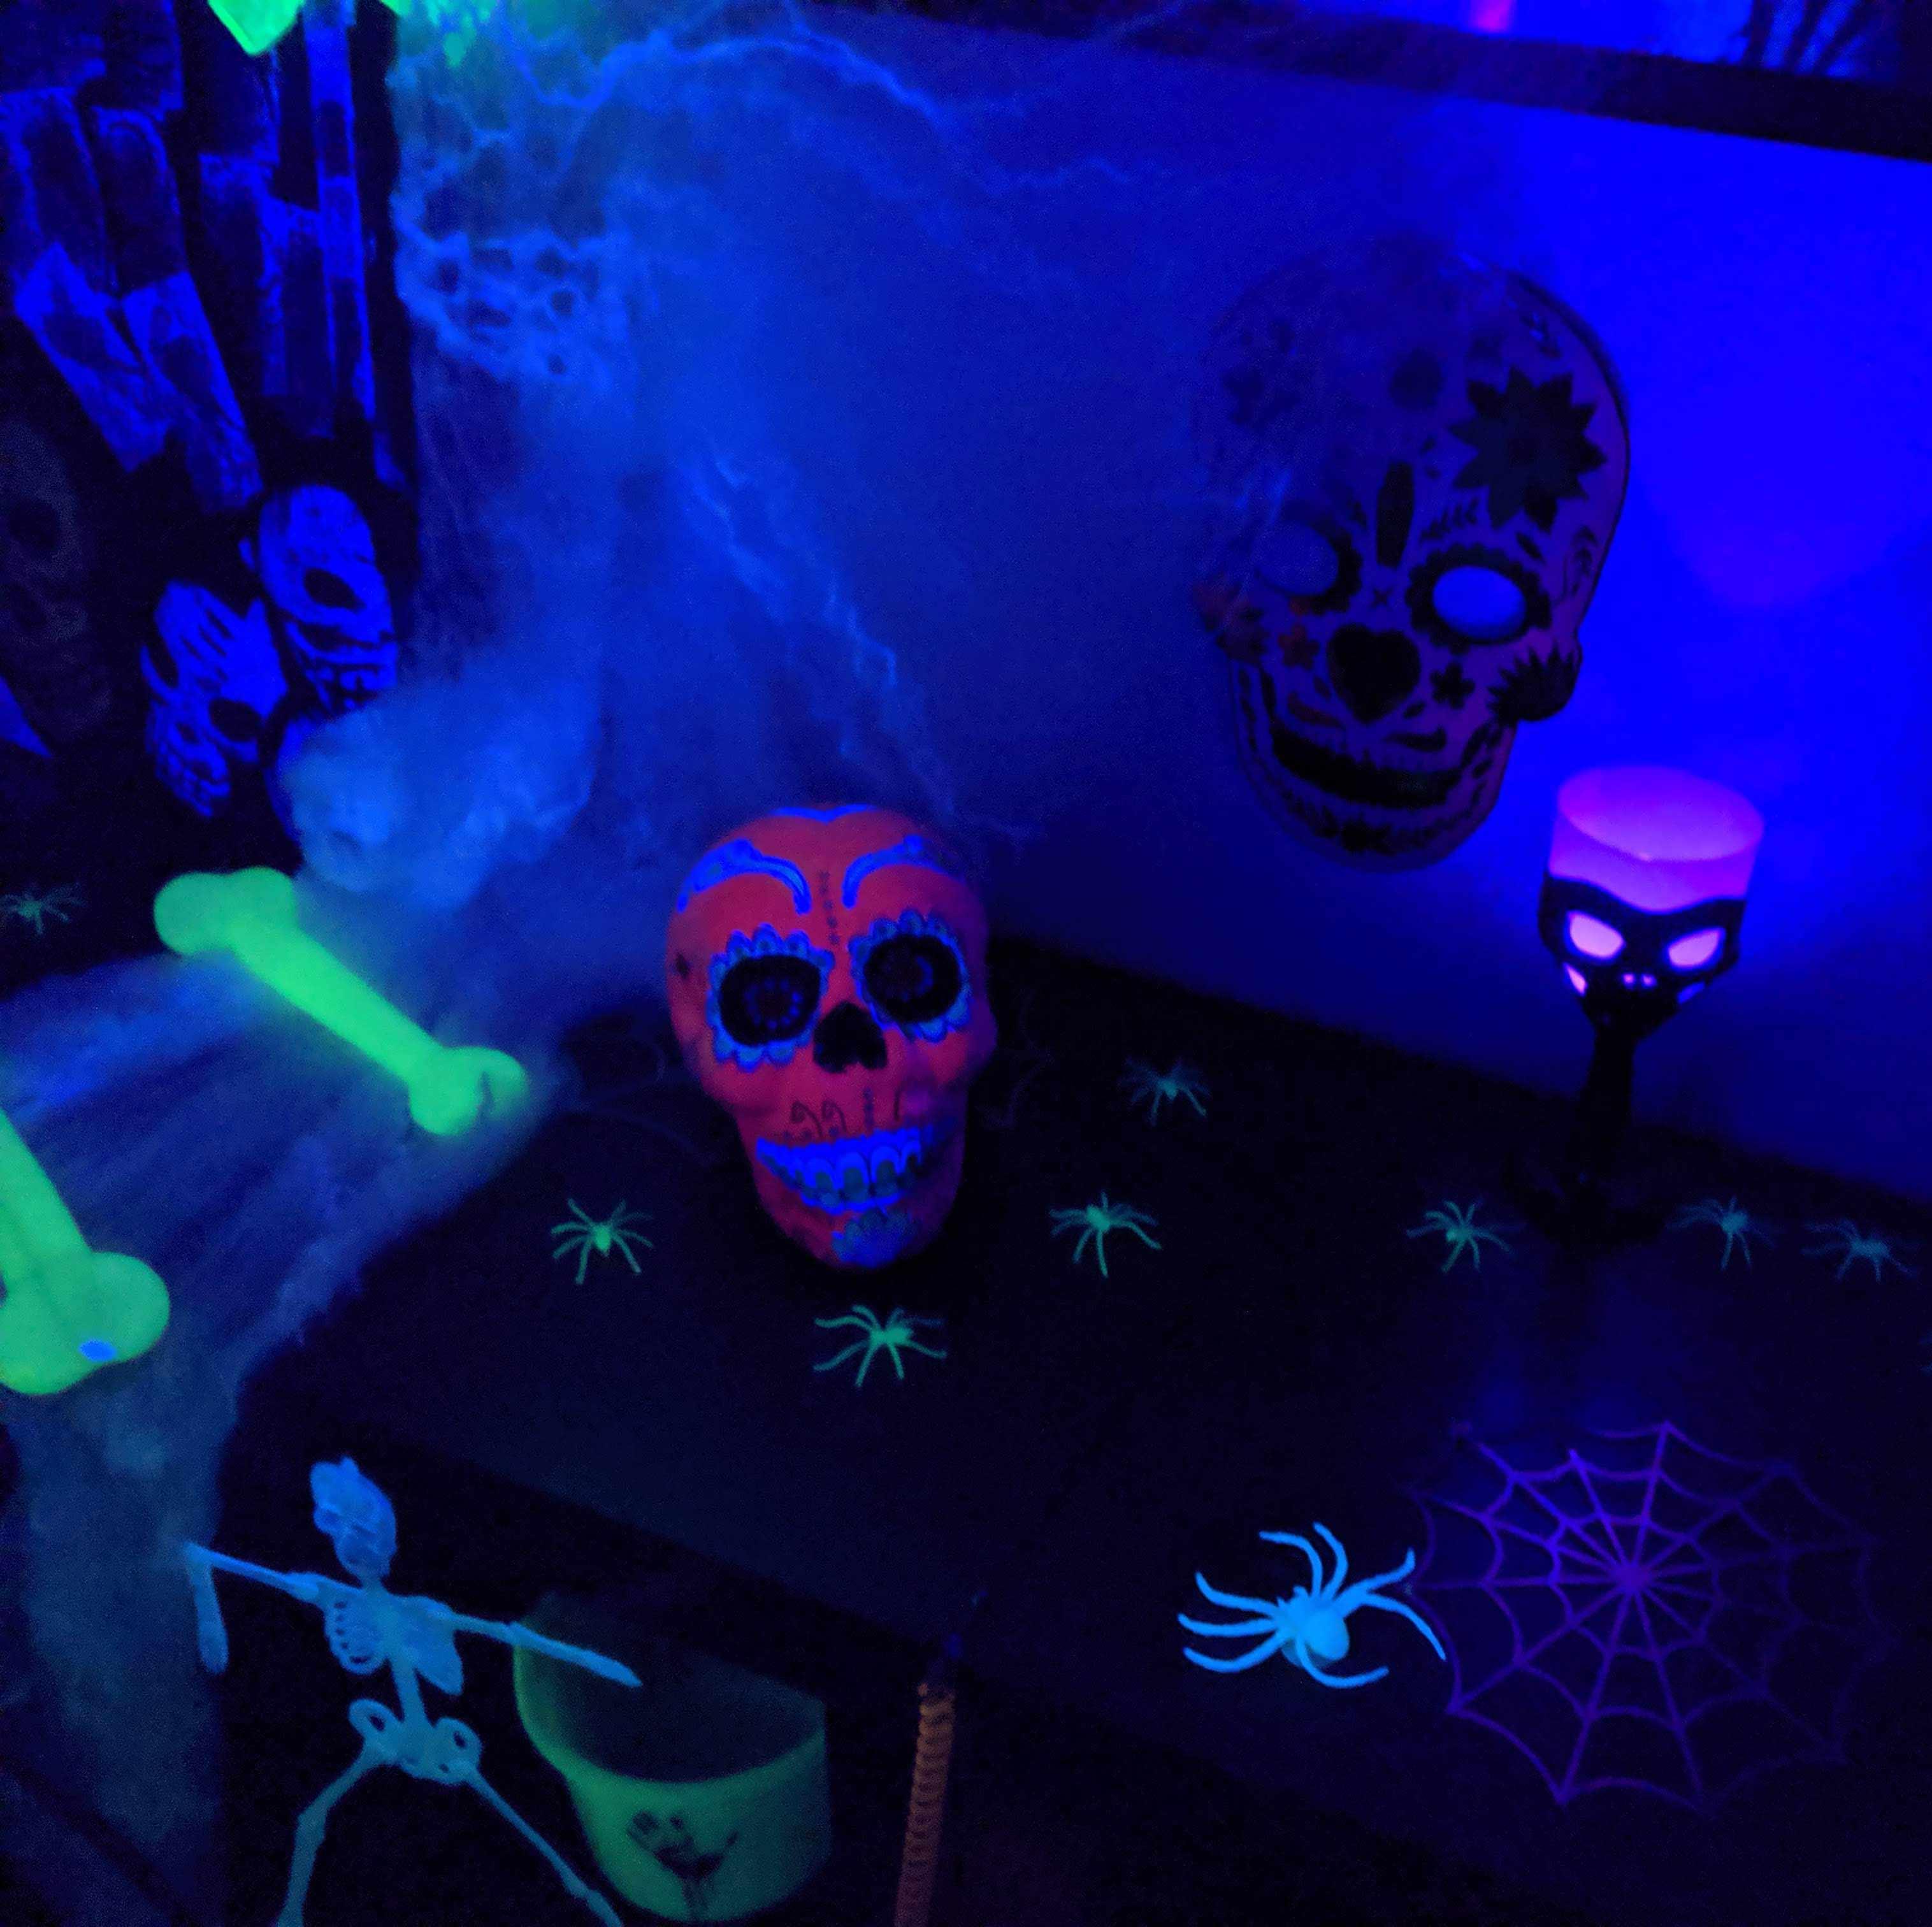 déoration Halloween dans le noir